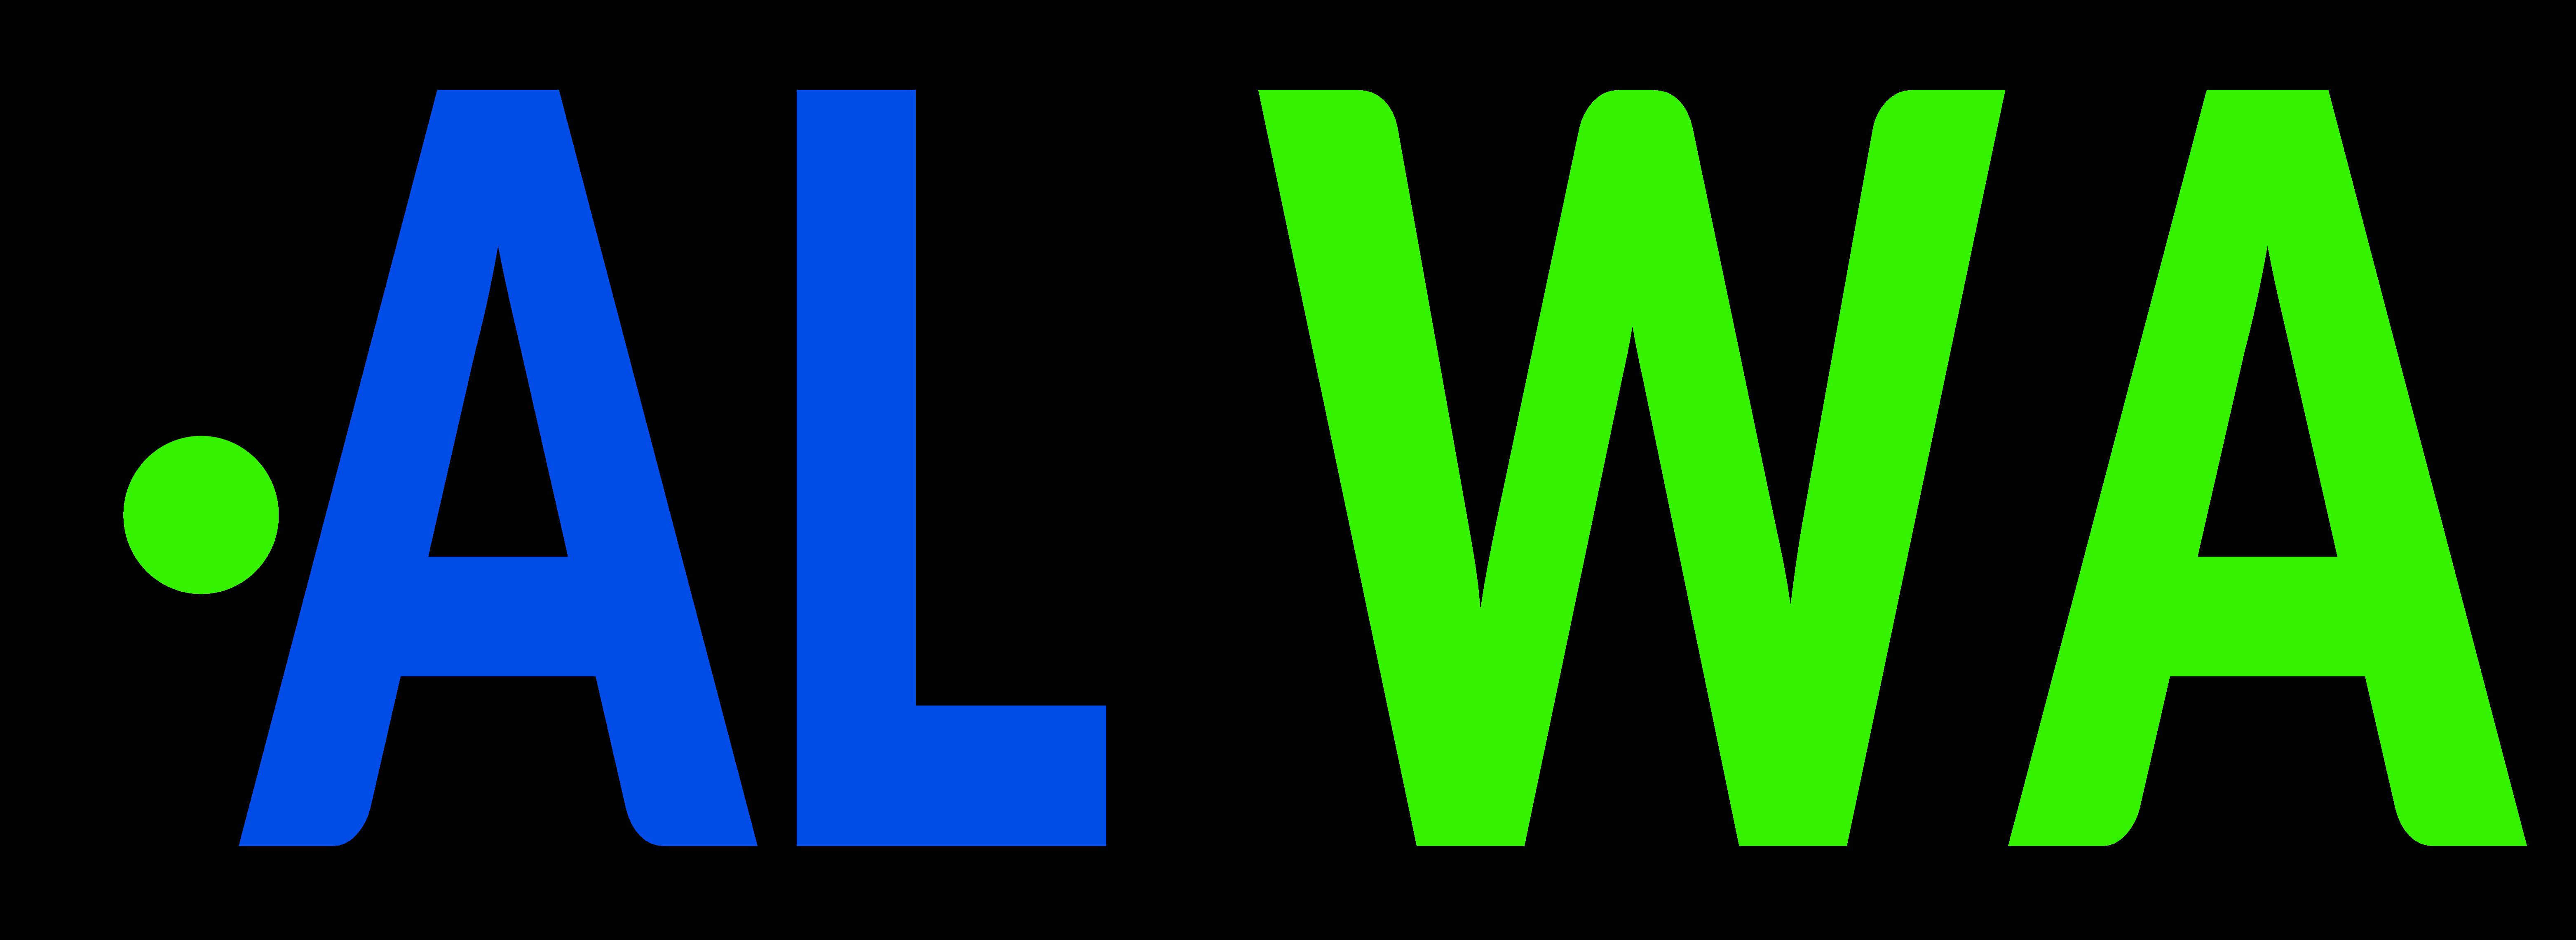 Alwa Distributors